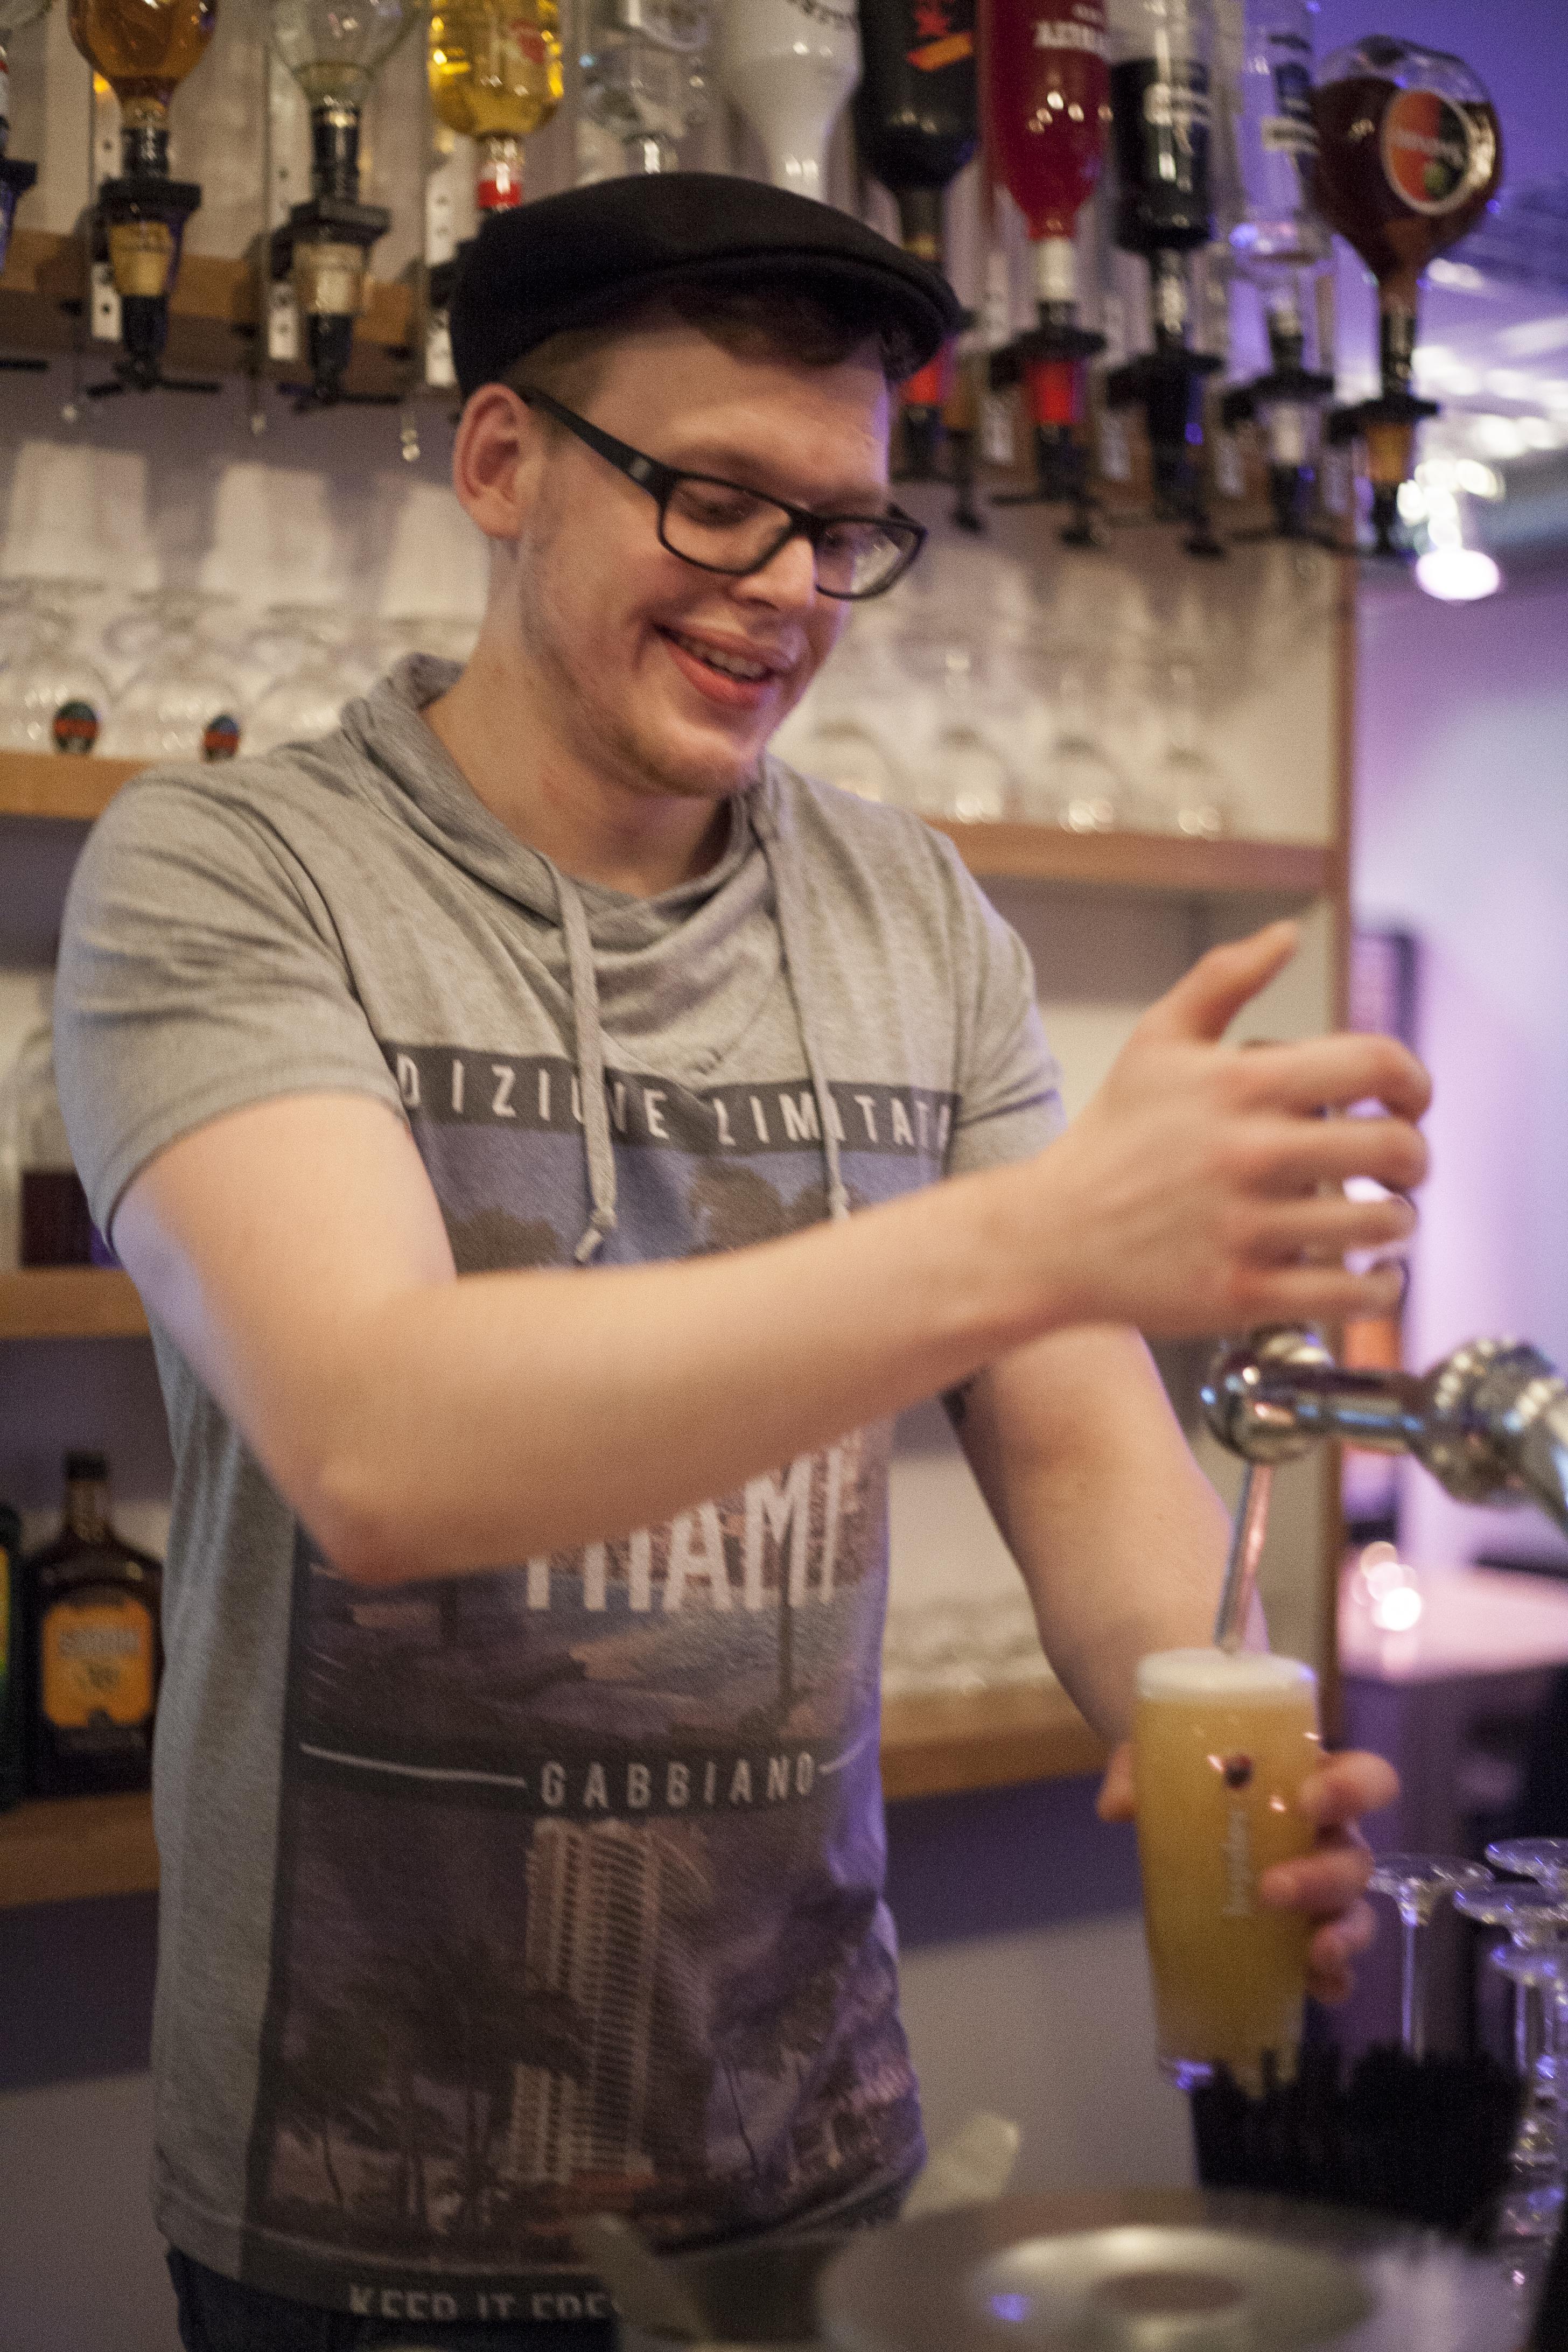 peter tapt bartender